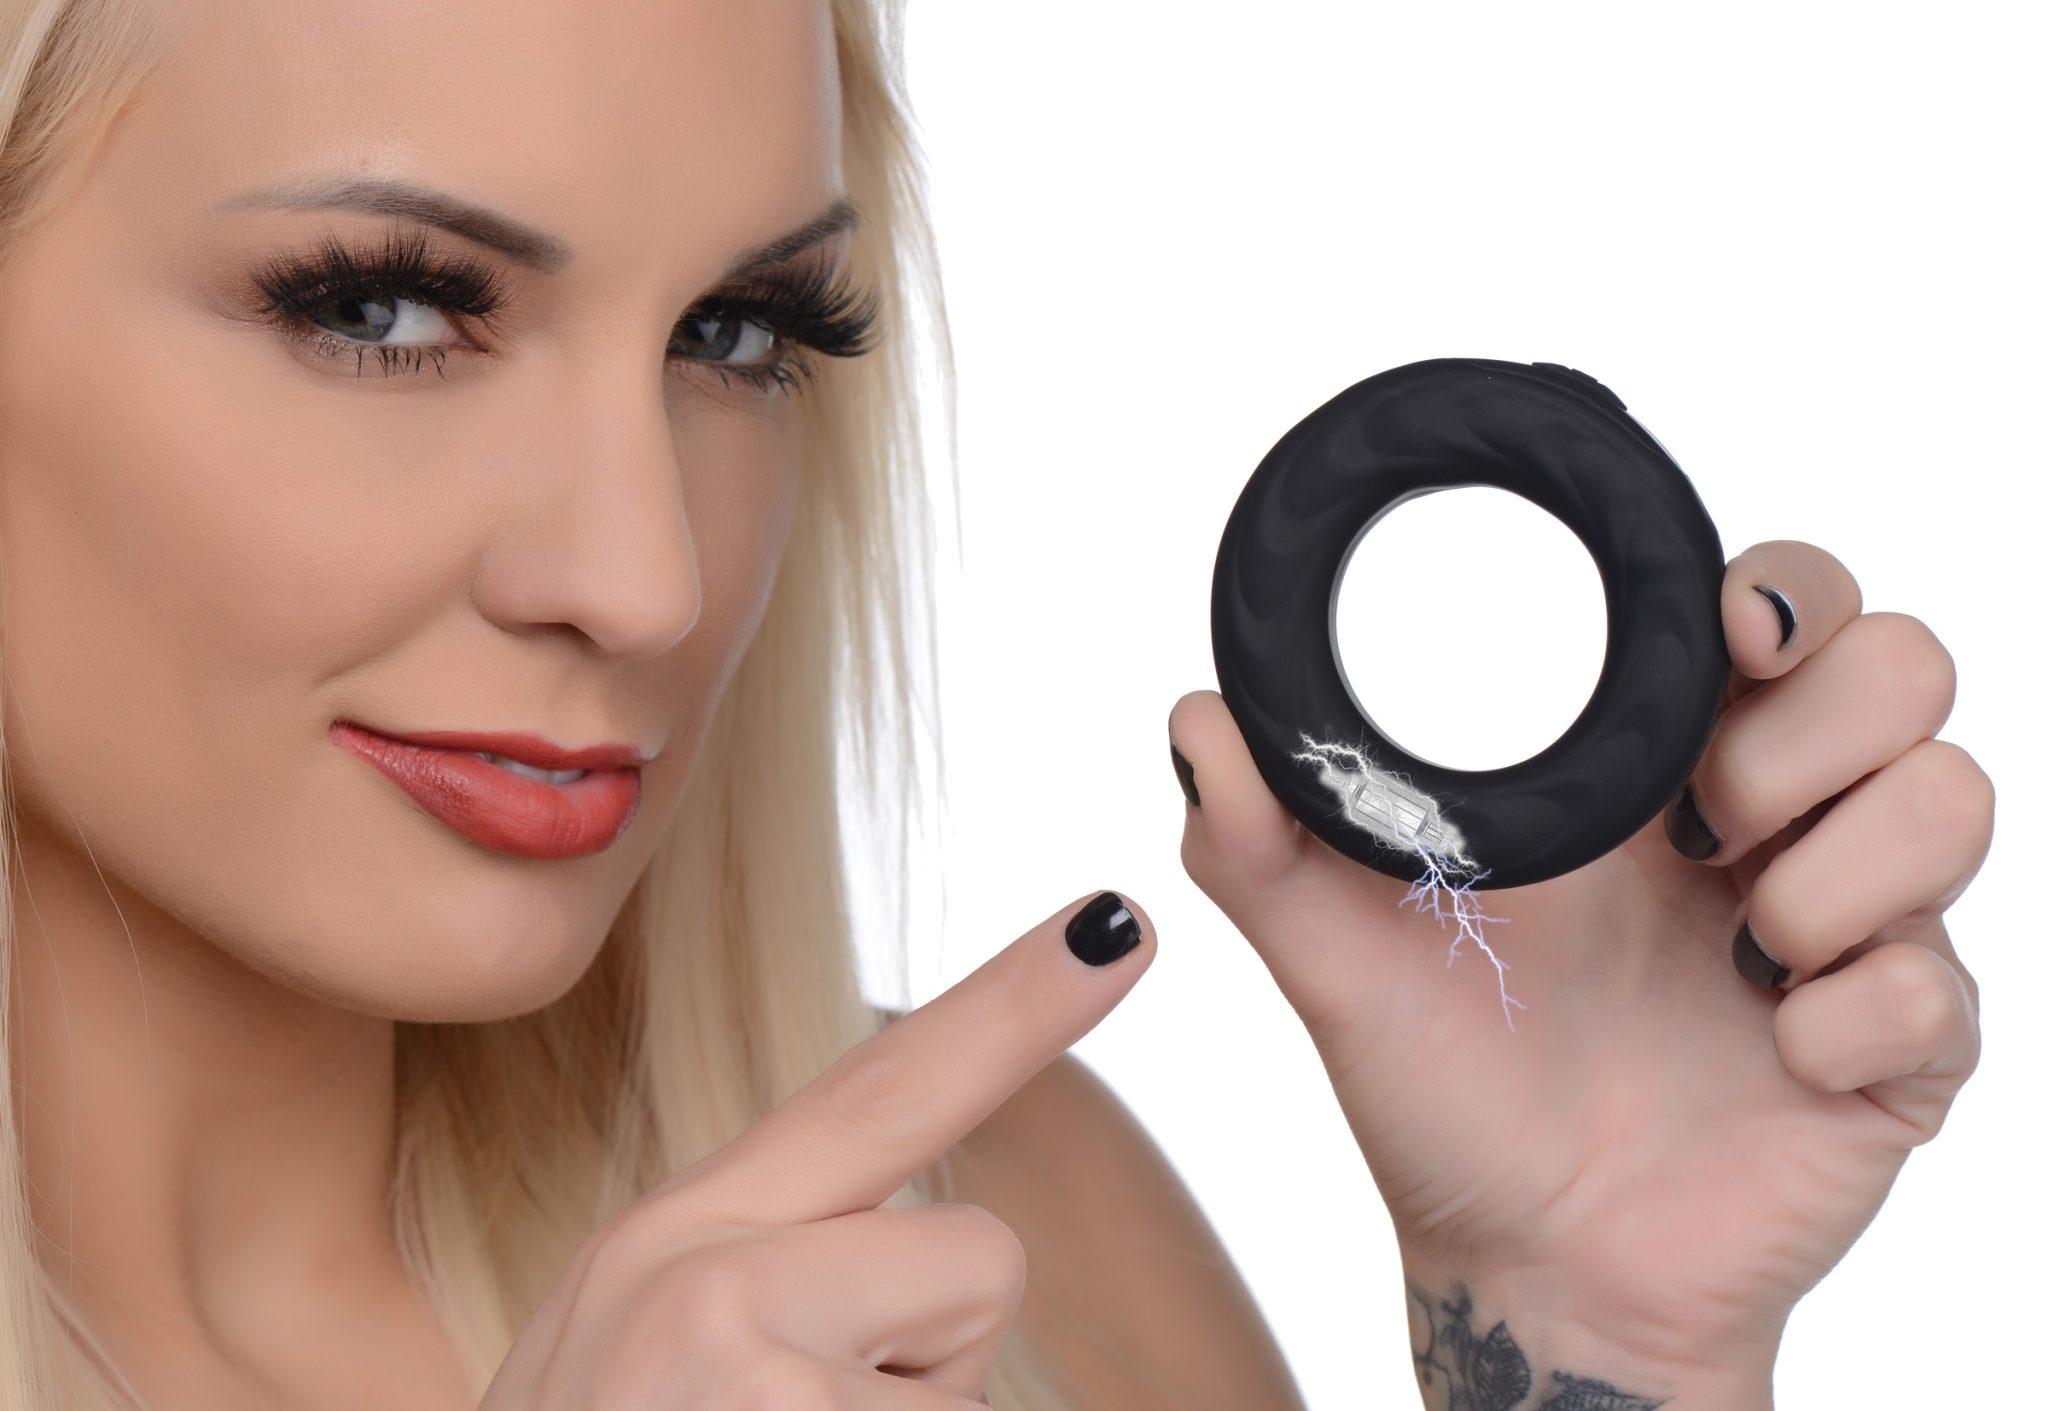 E-Stim Pro Silicone Vibrating Cock Ring with Remote Control